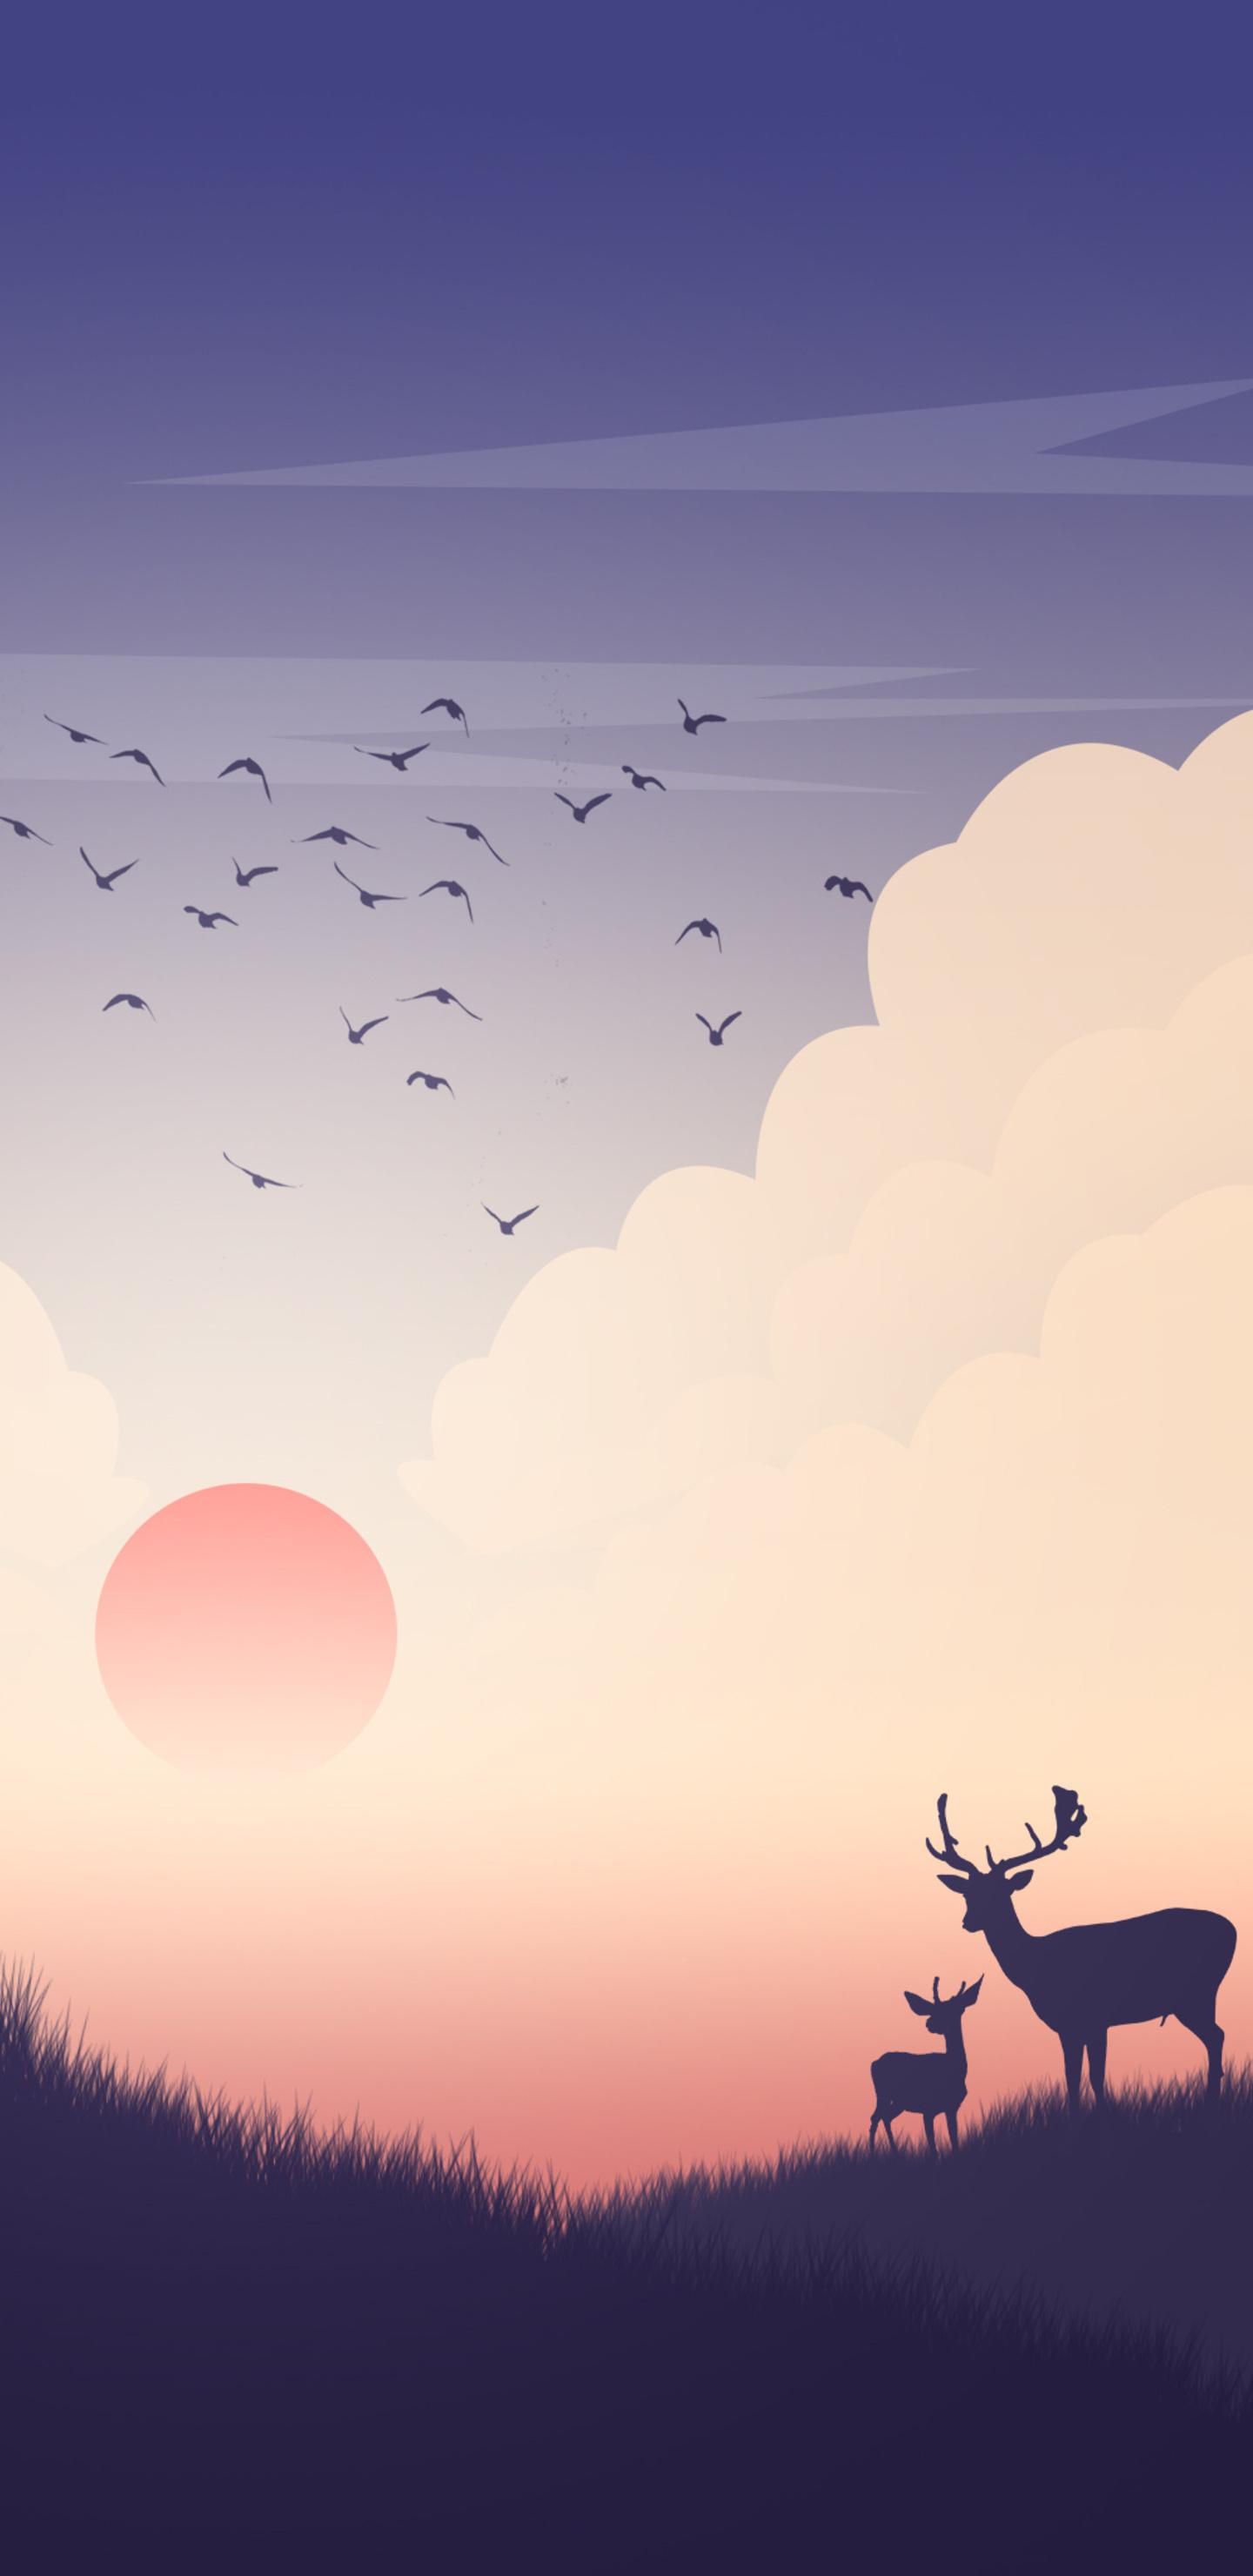 reindeer-sunset-view-minimalism-yd.jpg